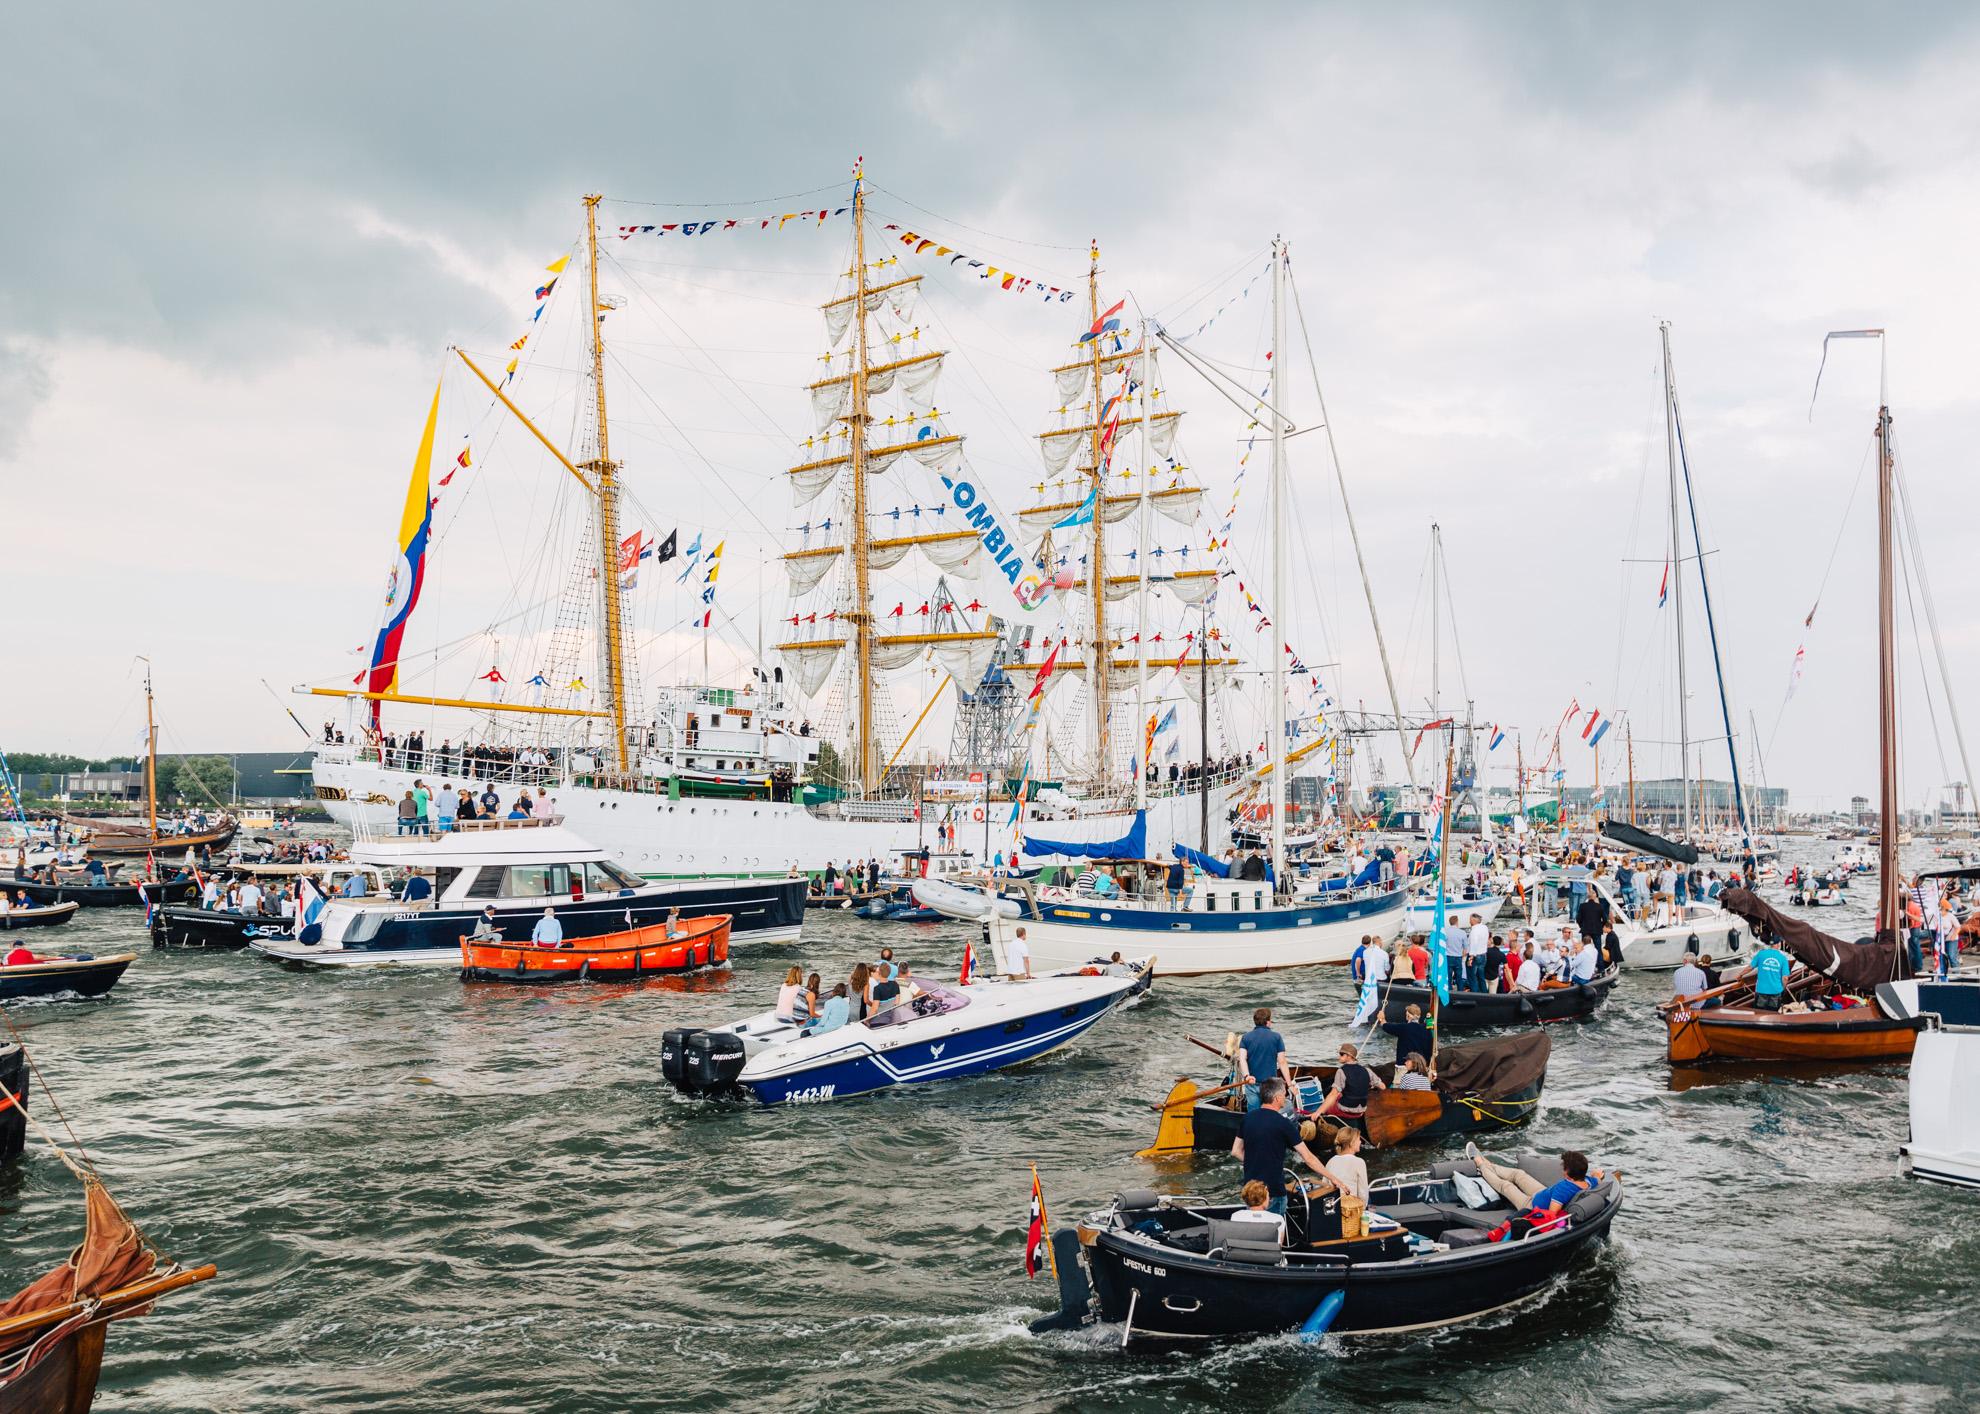 SAIL Amsterdam 2015